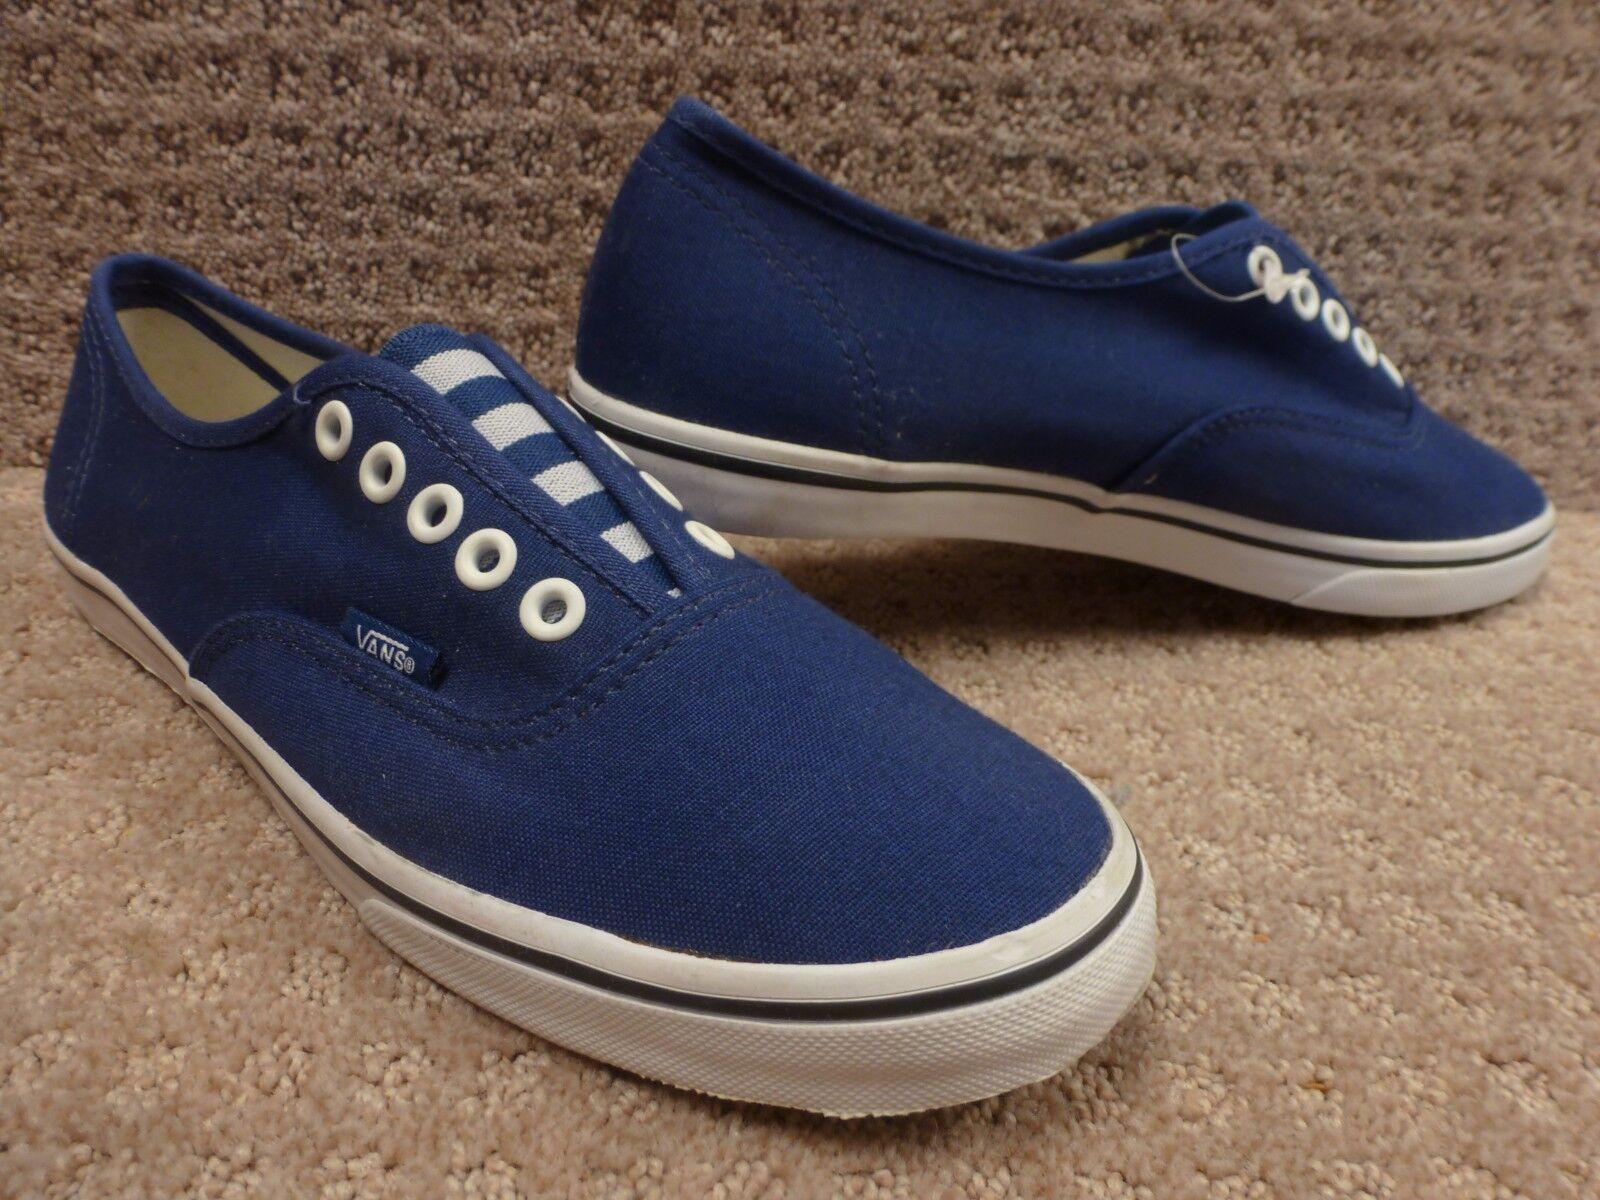 Vans Men's shoes  Authentic Lo Pro Gore  Patriot bluee True White , Size 8.5